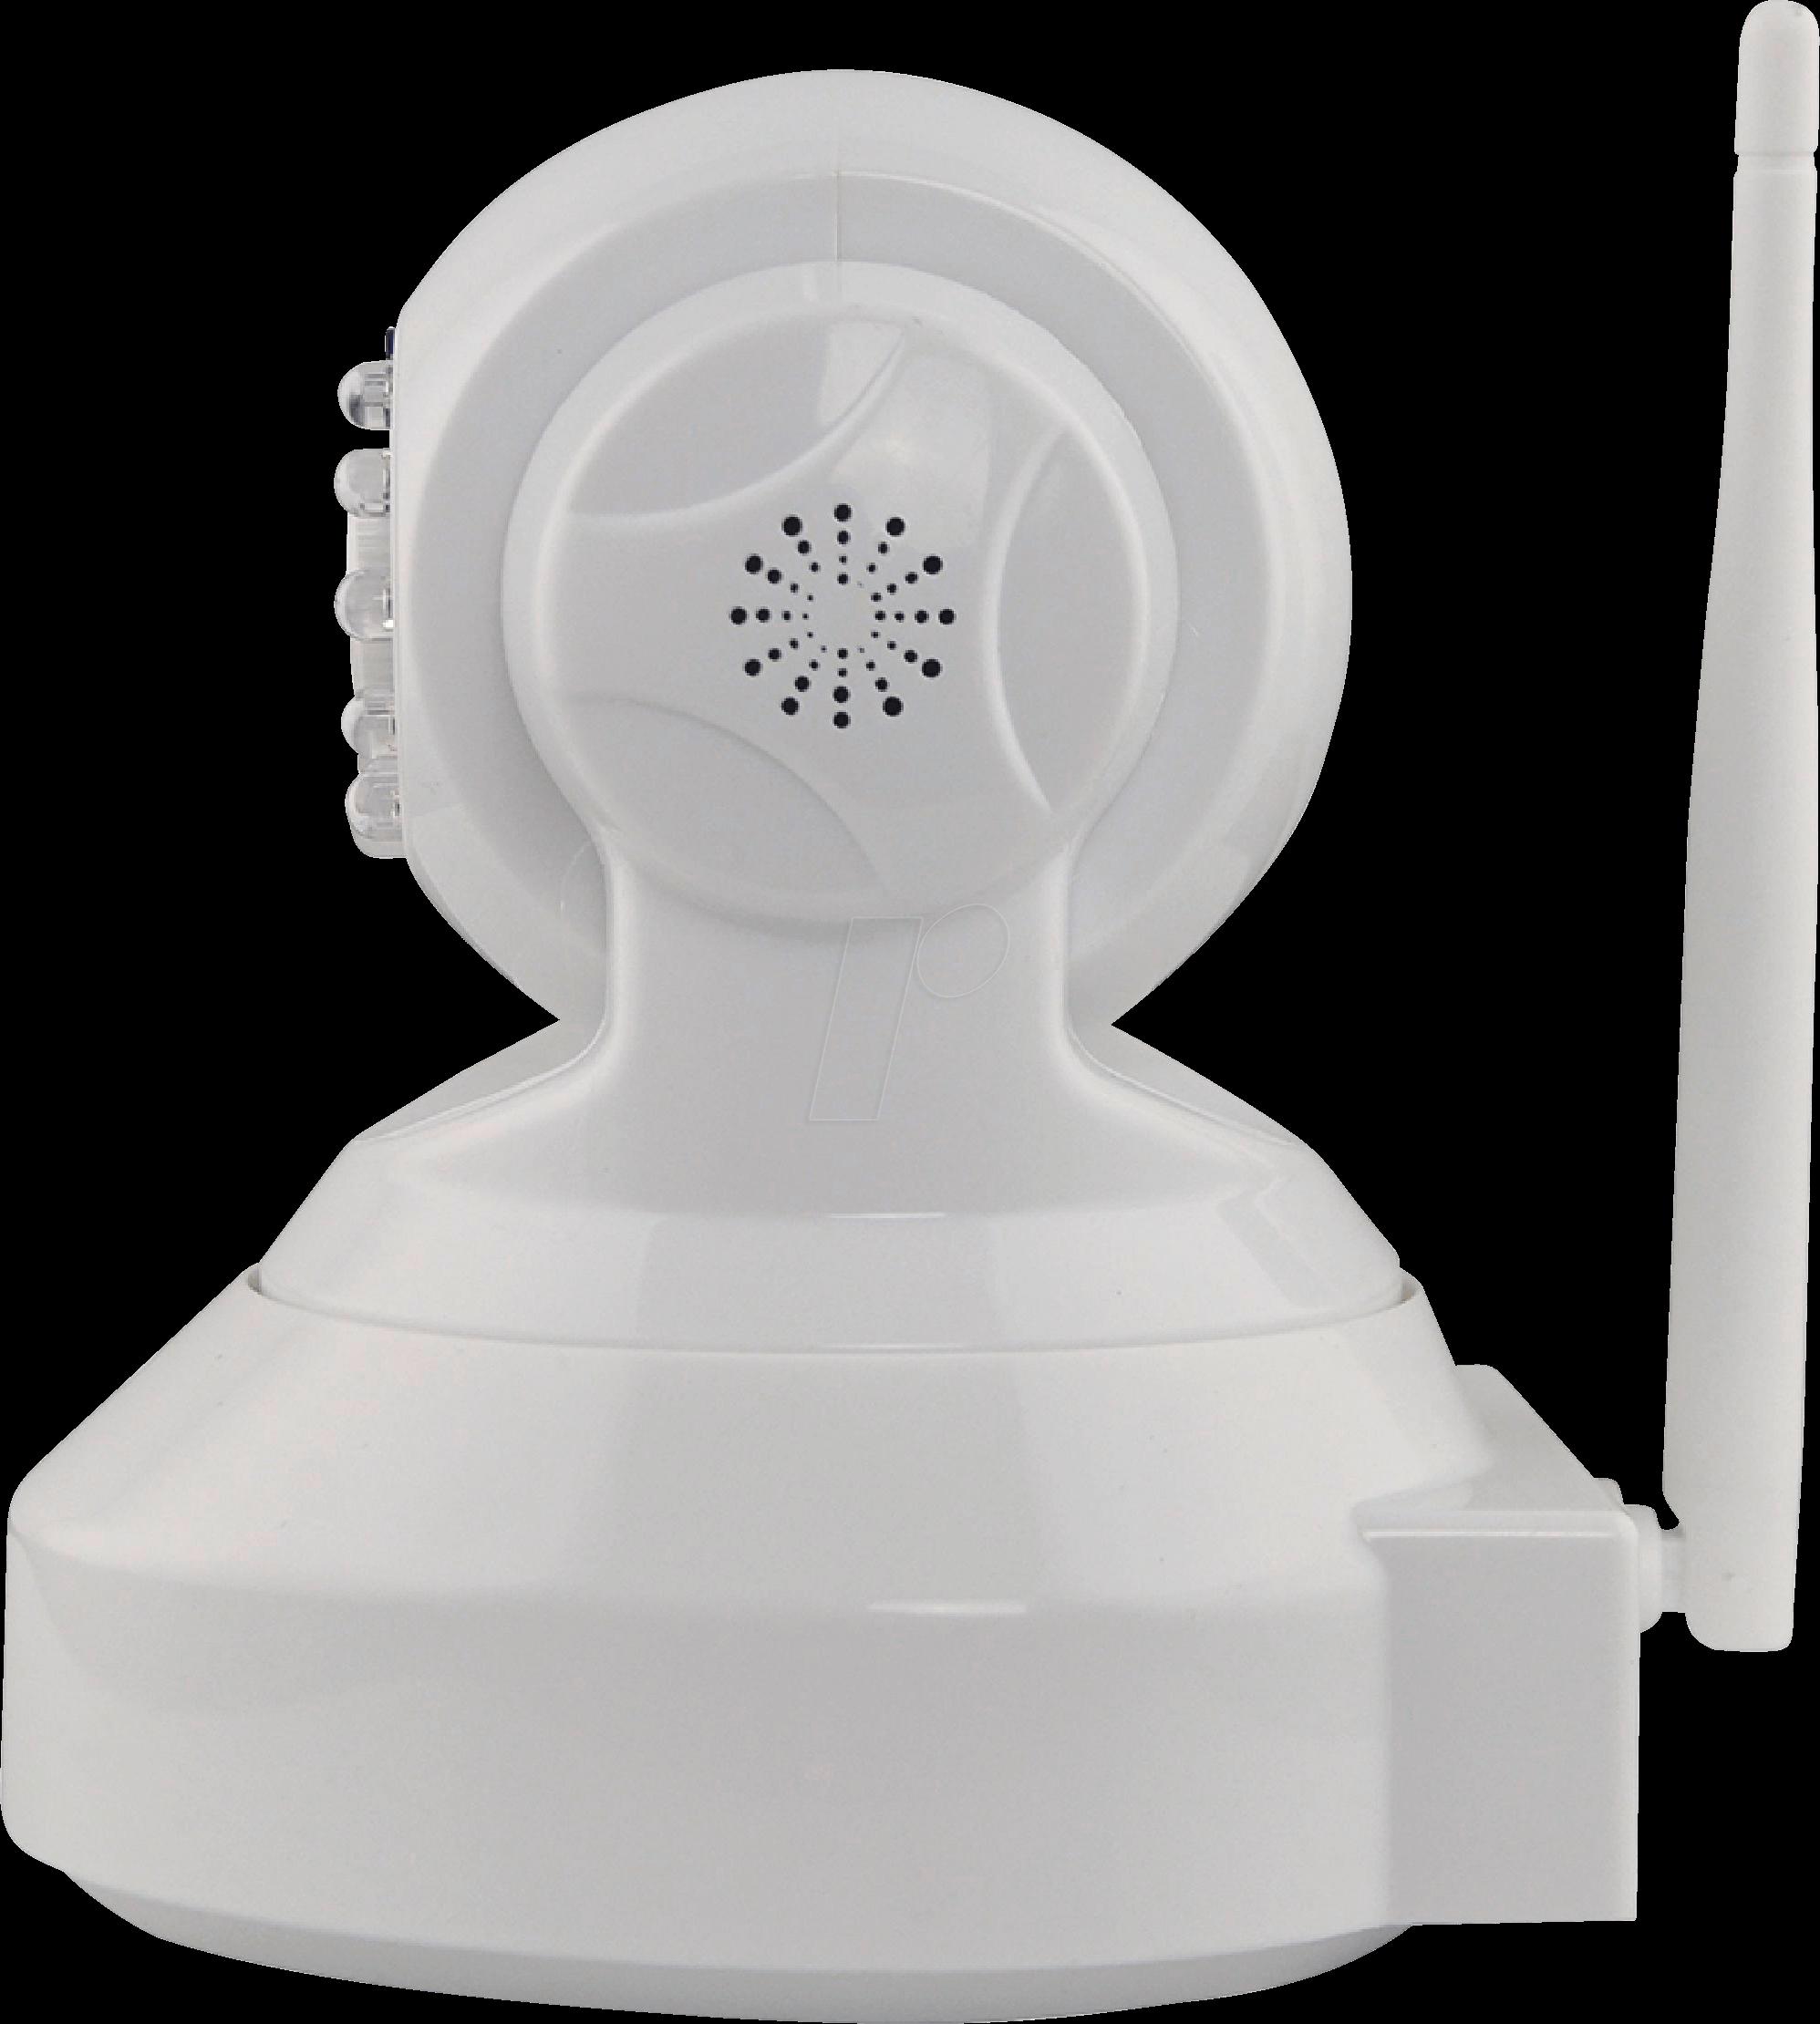 vl svl ipcam10 berwachungskamera ip wlan innen bei reichelt elektronik. Black Bedroom Furniture Sets. Home Design Ideas